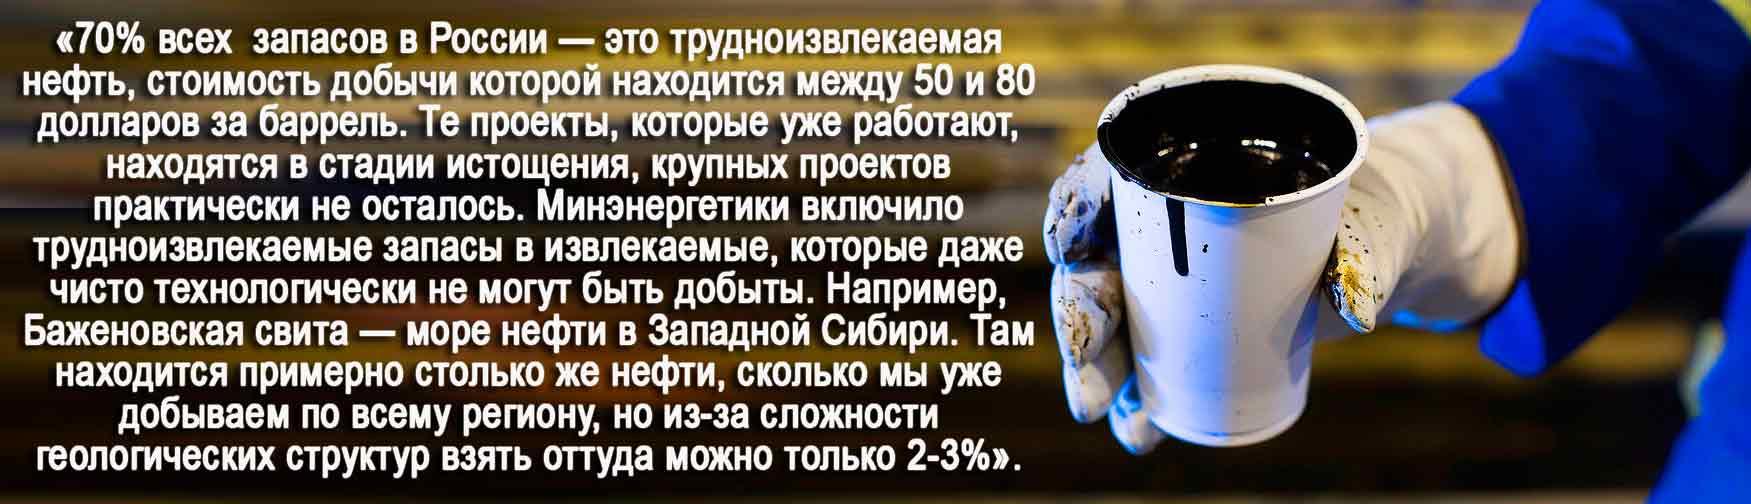 Эксперты заявили о том, что в России кончается дешевая нефть